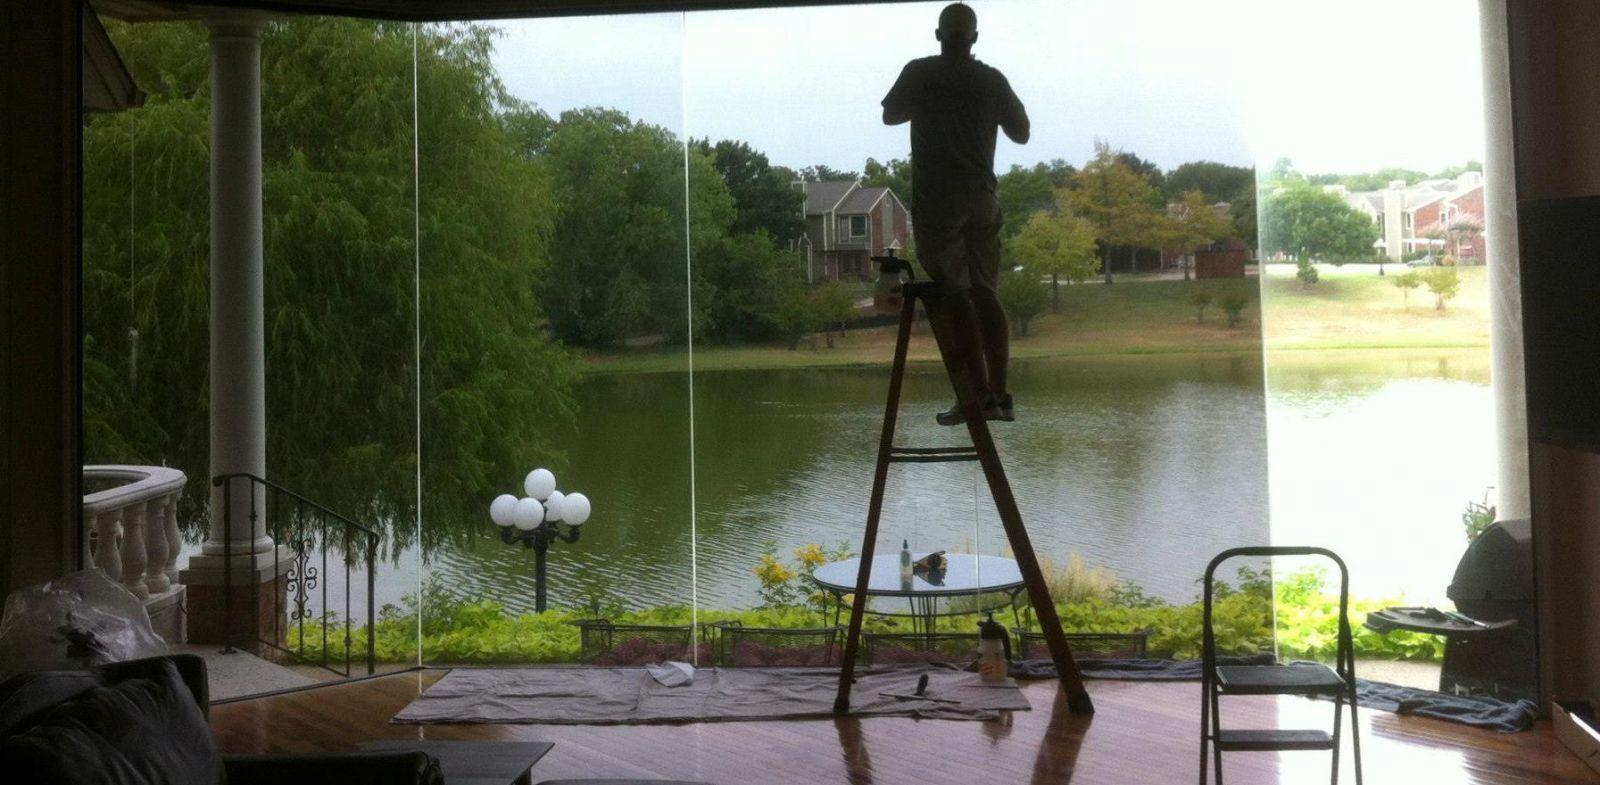 Dán kính cửa sổ nhà chống nắng